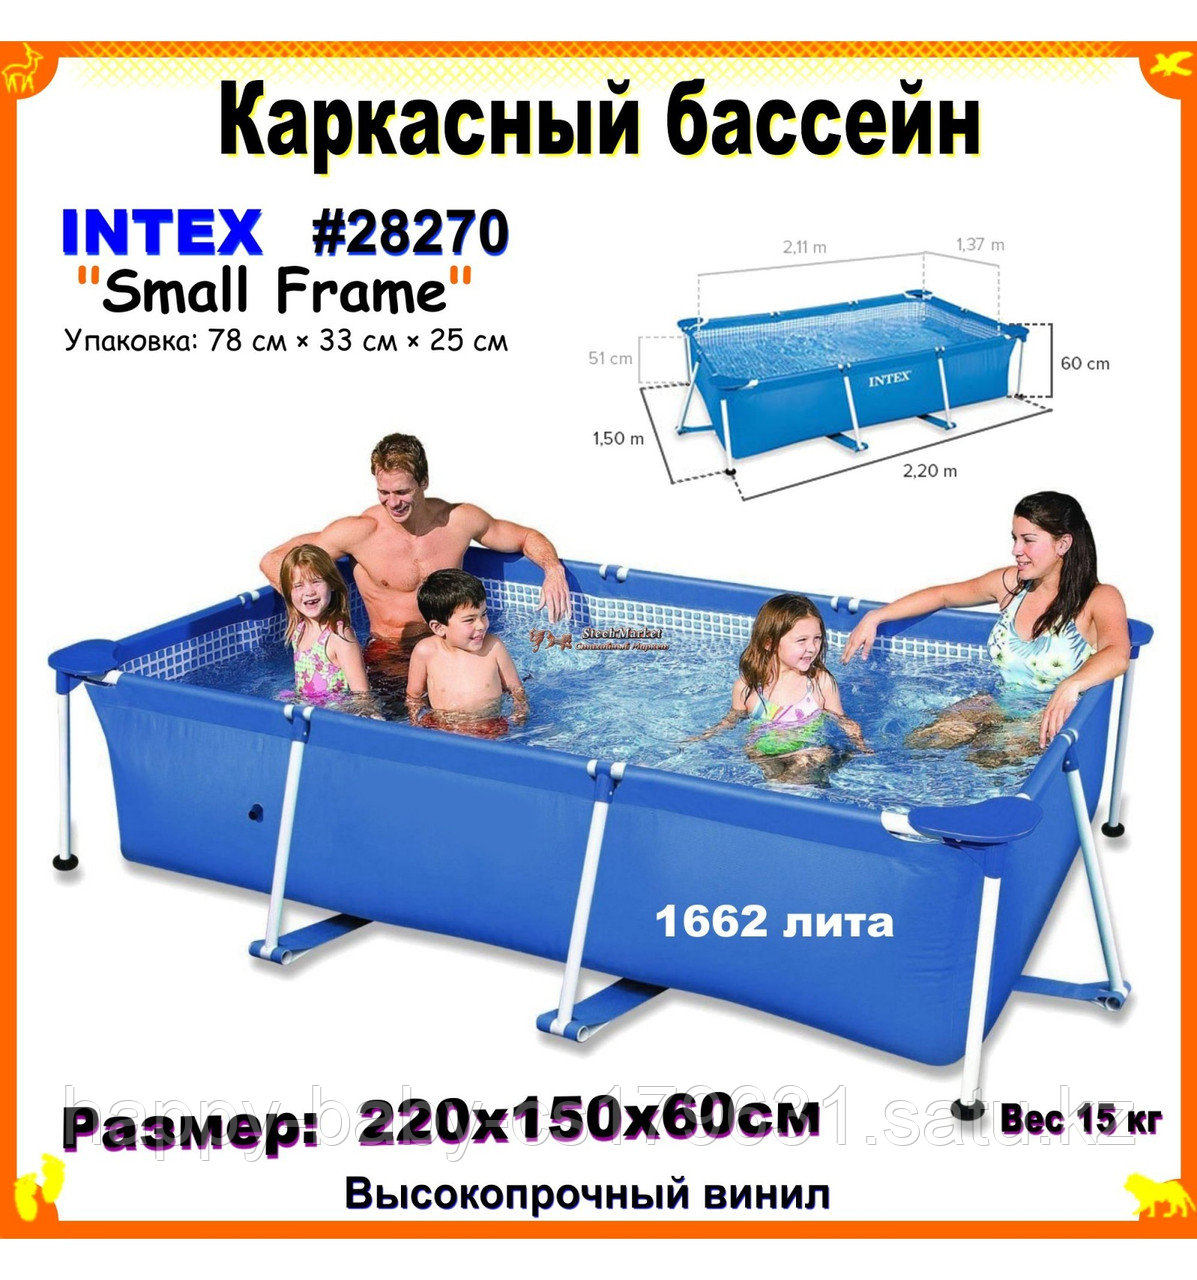 Каркасный бассейн Intex 220 х 150 х 60см